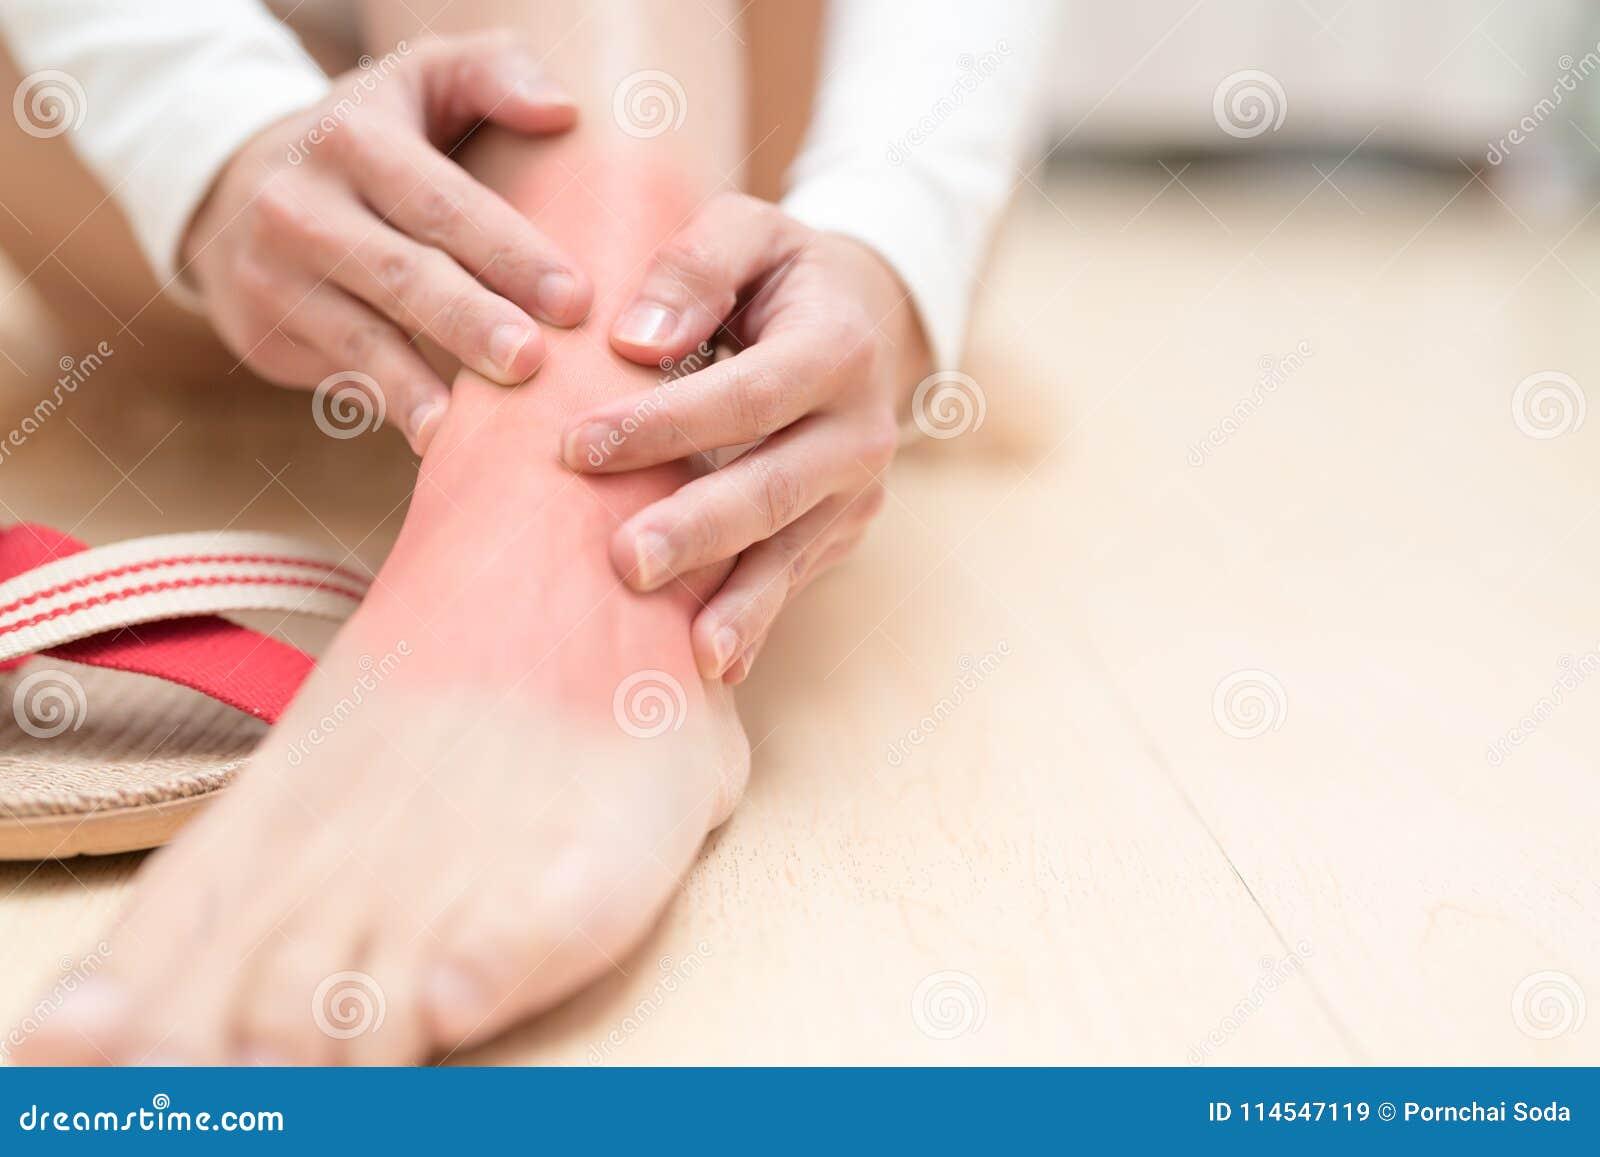 Verwonden de de verwondings pijnlijke vrouwen van de beenenkel wat betreft het been pijnlijk met rood hoogtepunt Gezondheidszorg